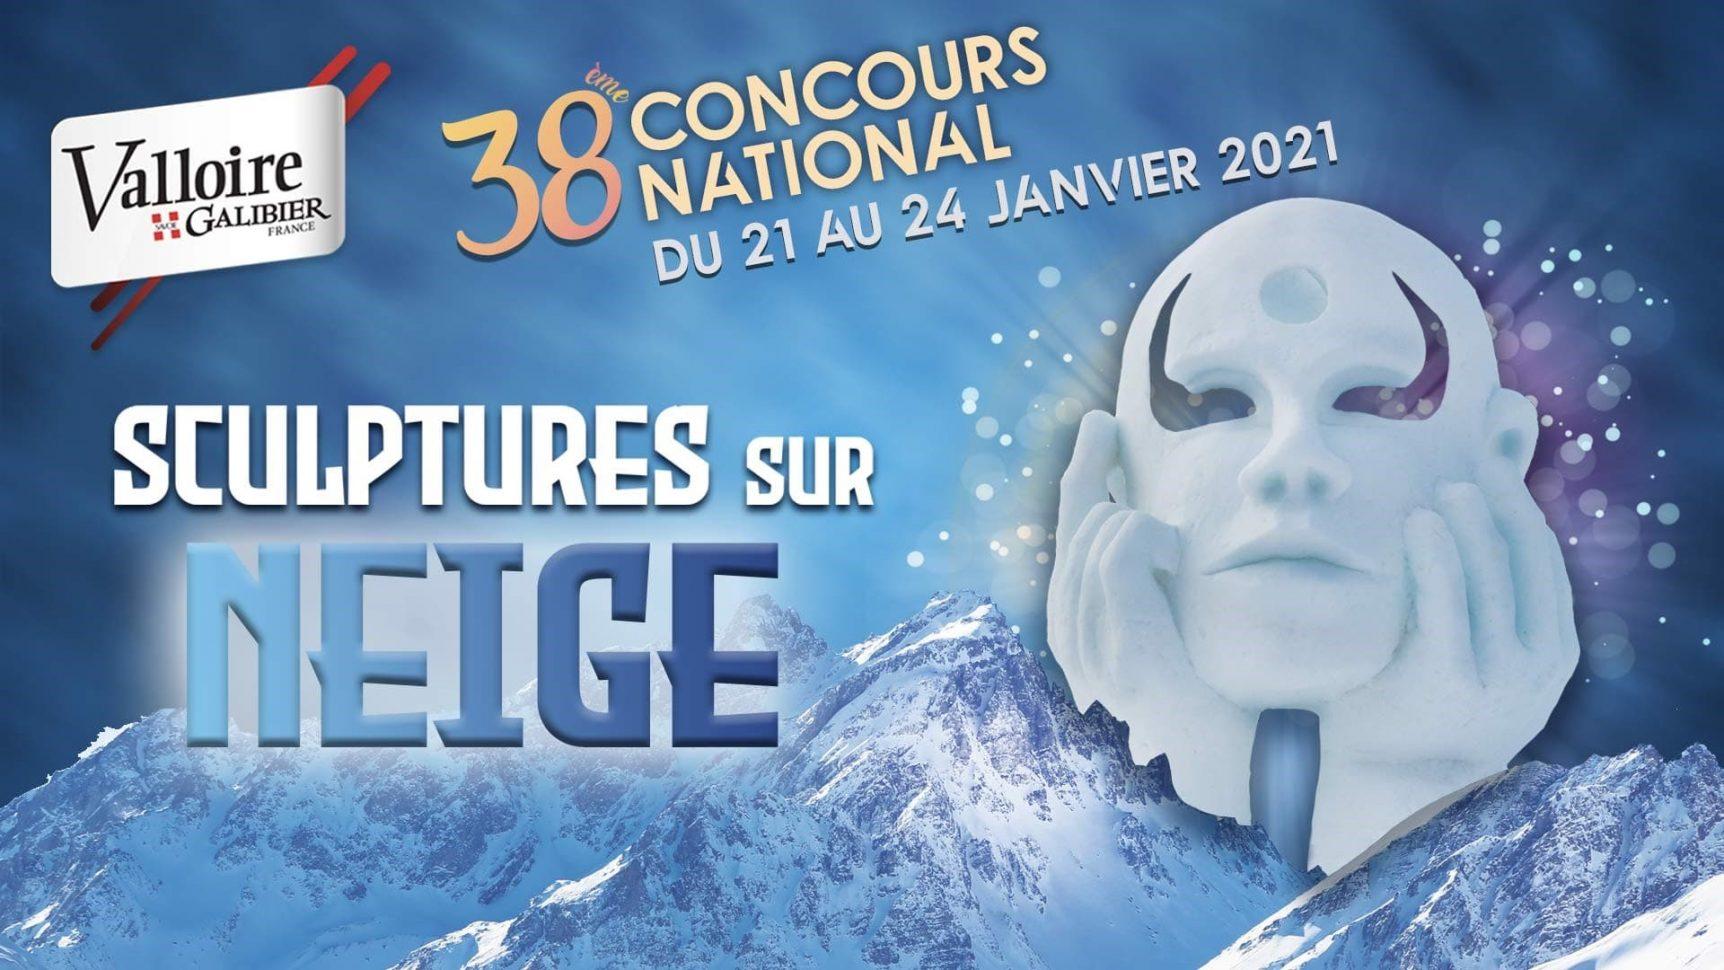 concours sculpture sur neige 2021 valloire